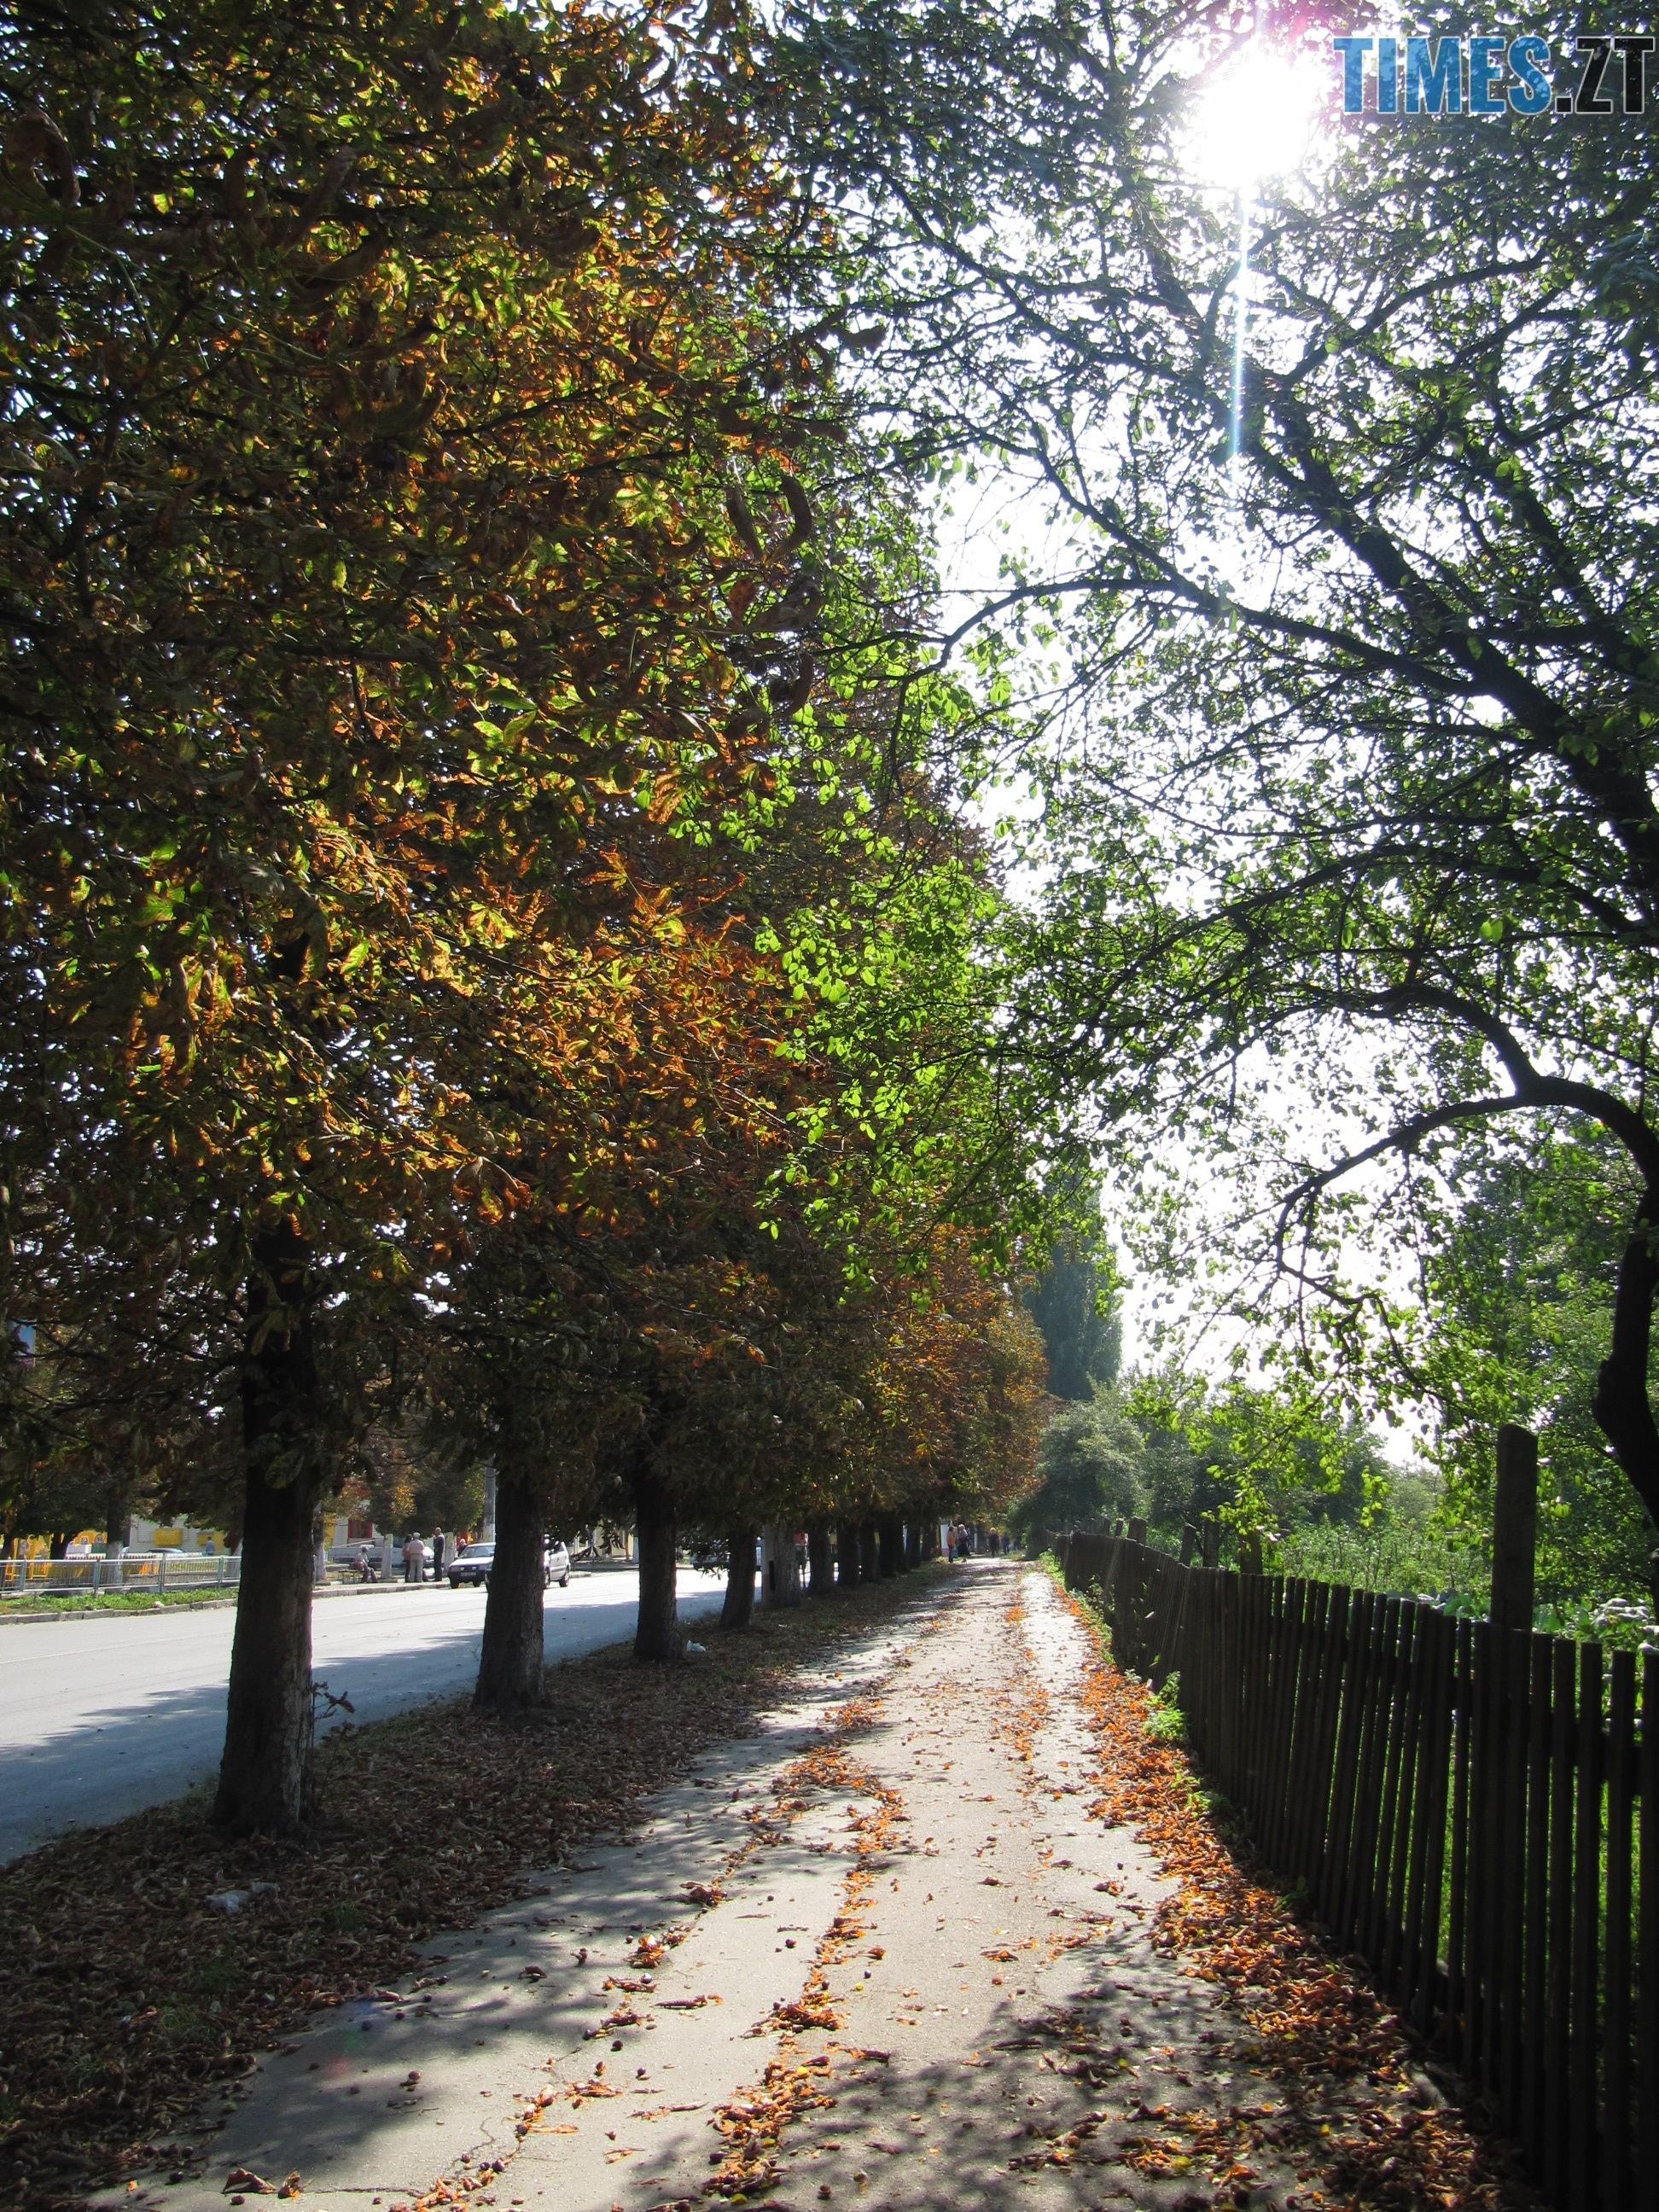 Т. Ріхтер 1 - Осіннє рівнодення: осінь вступила в законні права (ФОТО)